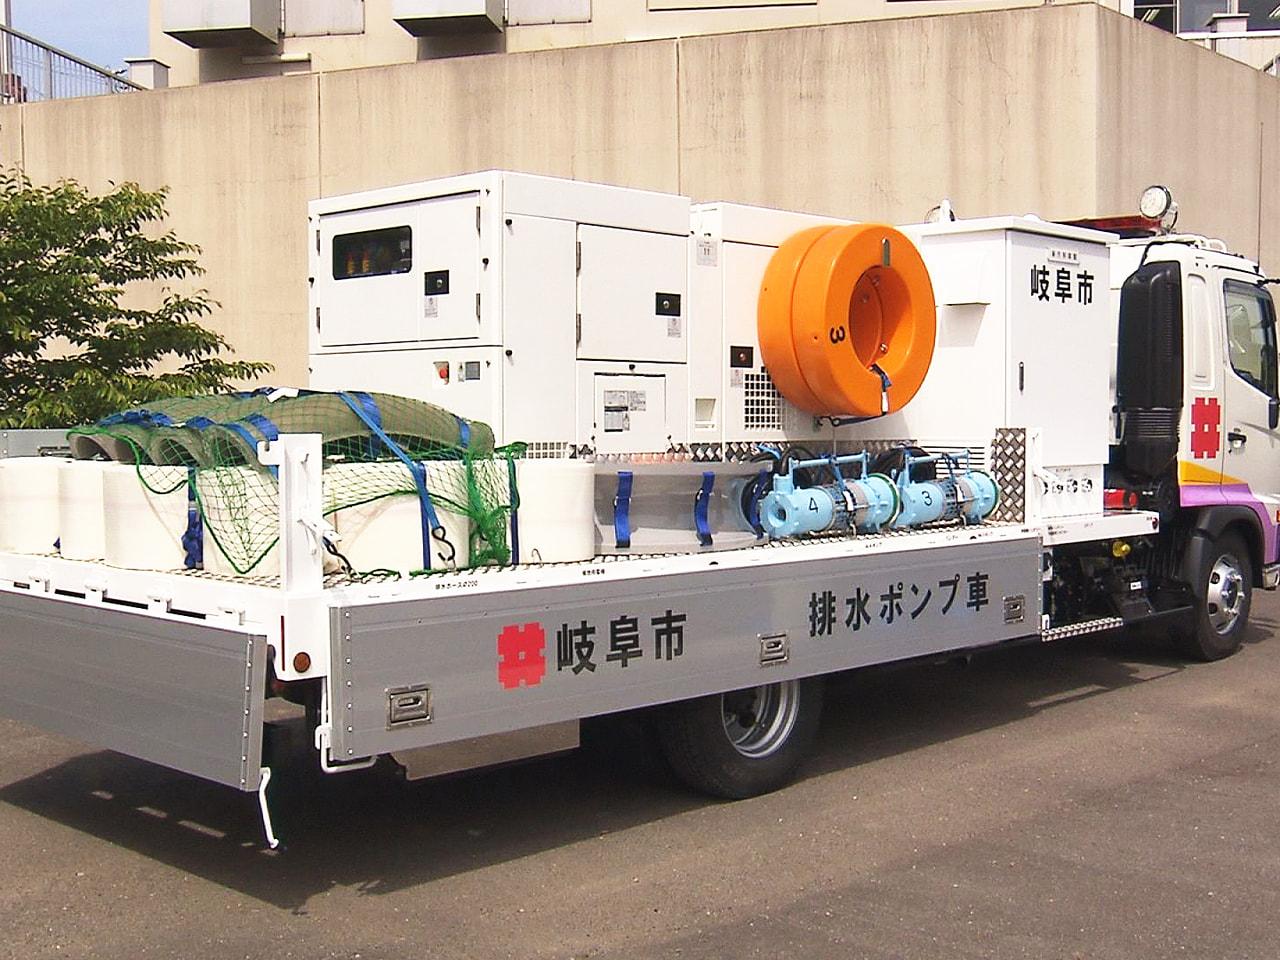 岐阜市は豪雨災害に備えて、排水ポンプ車を導入しました。 自前の排水ポンプ車を配備...